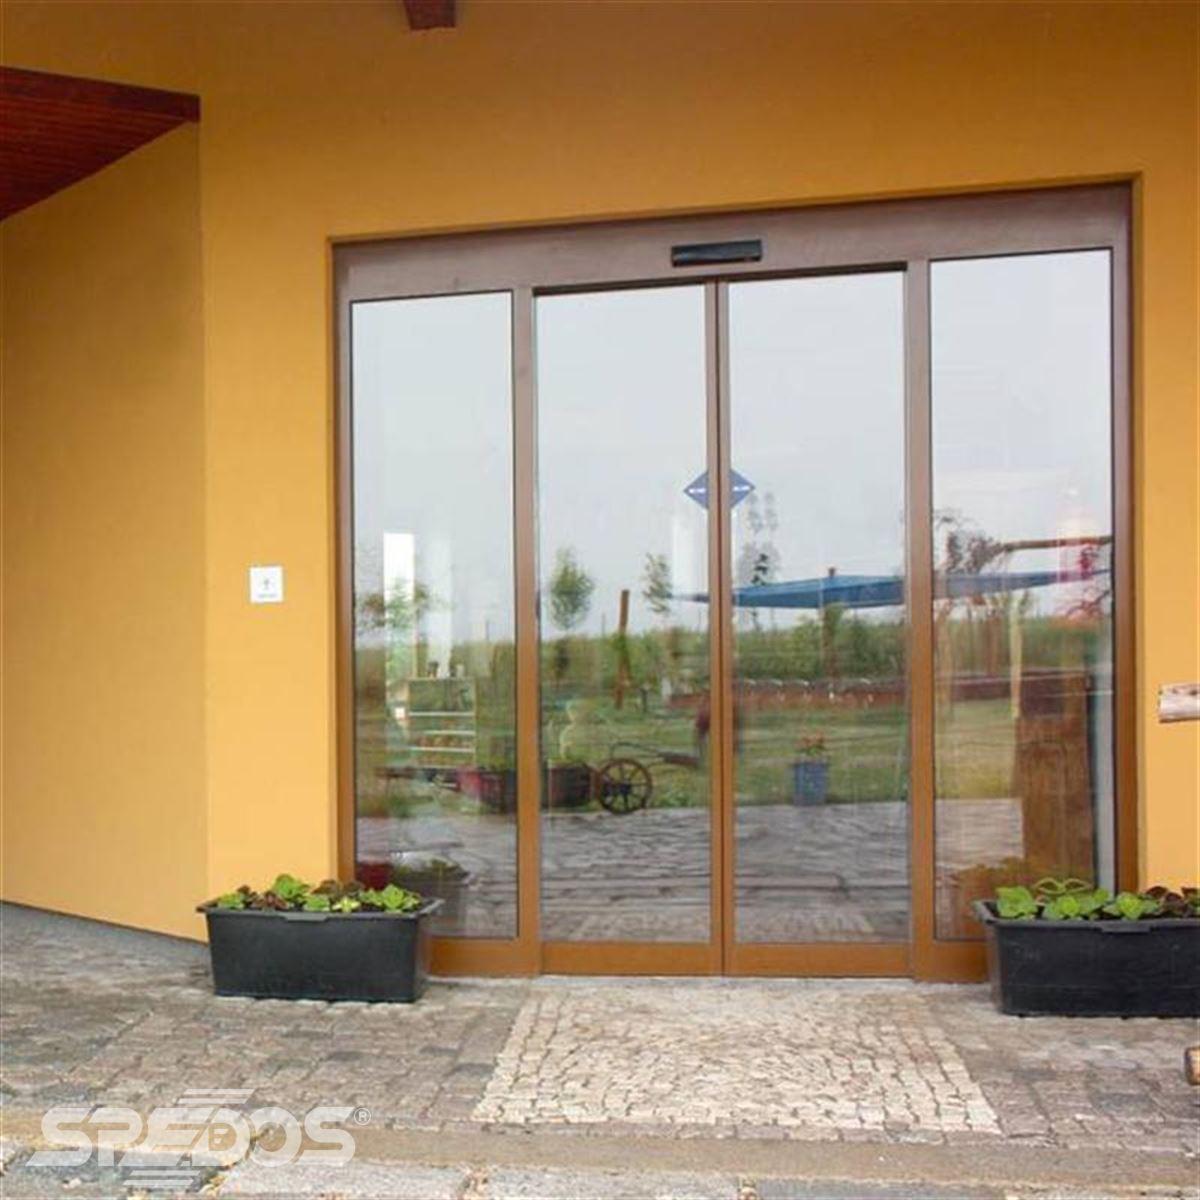 automatické dveře Spedos s imitací dřeva